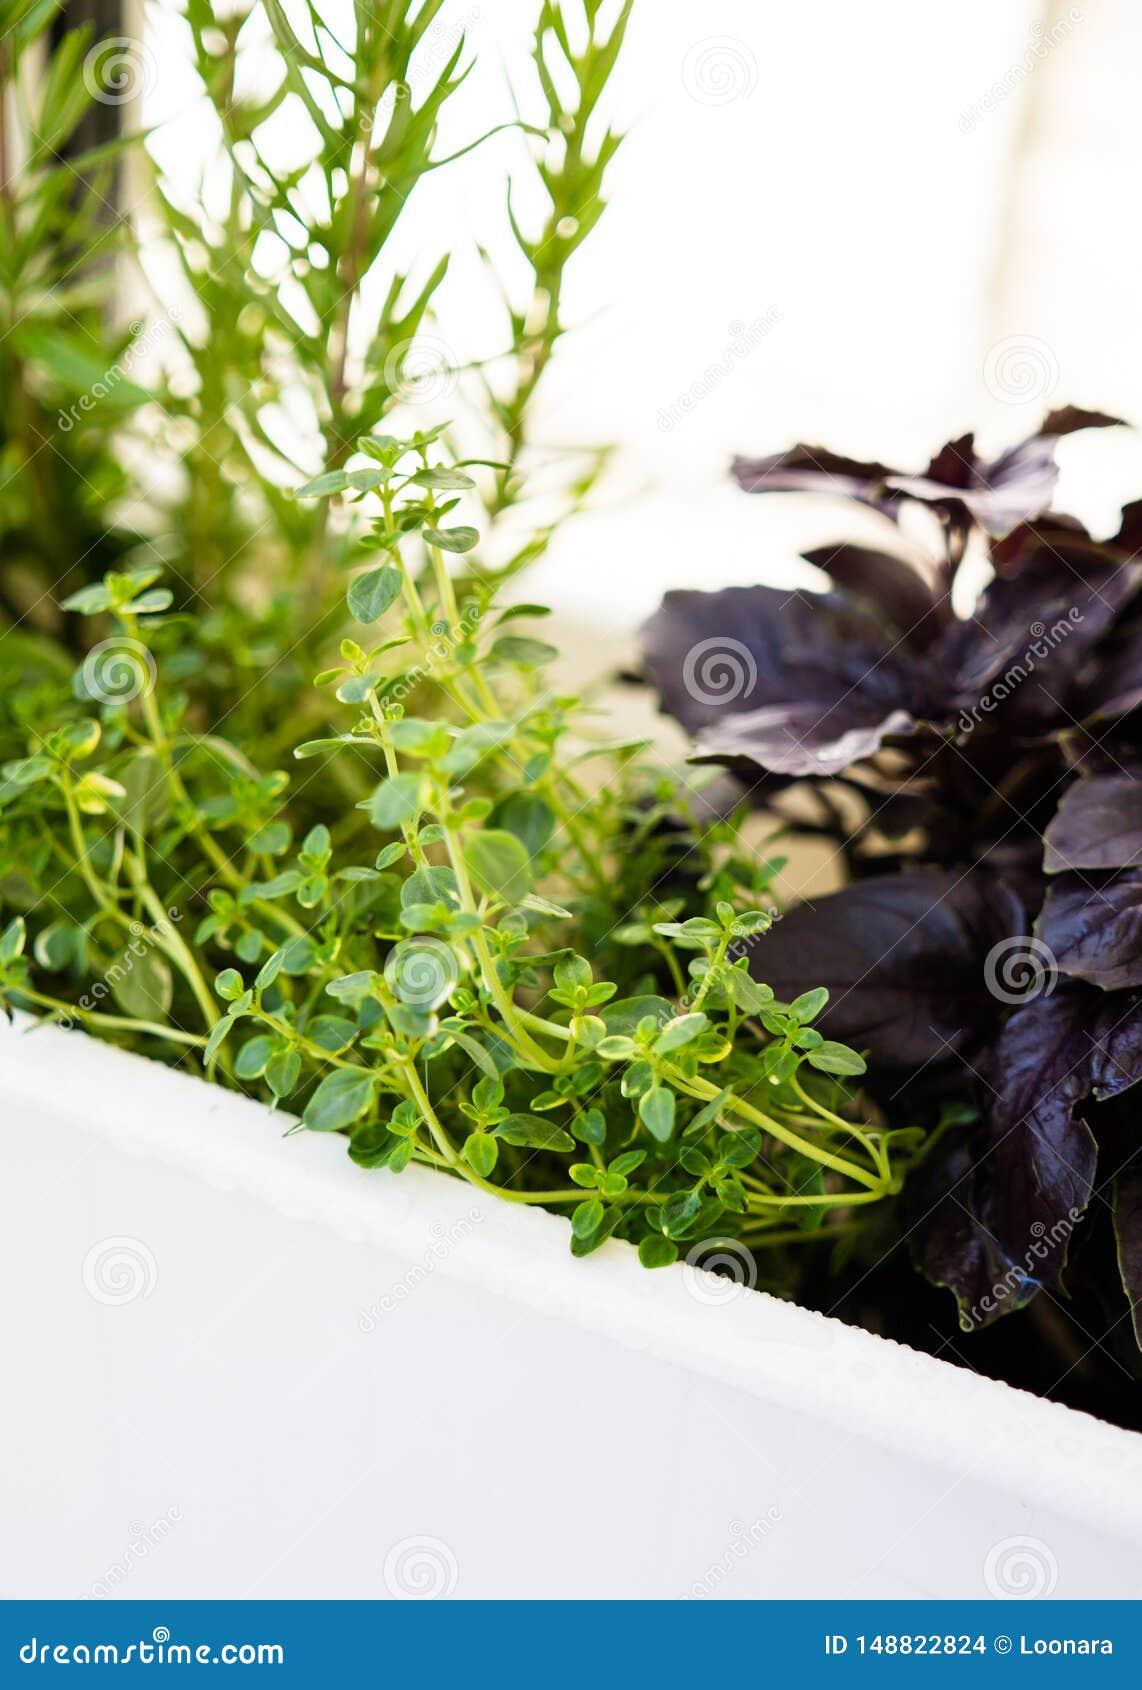 Herbes Aromatiques D Intérieur a mélangé les herbes aromatiques fraîches s'élevant dans le